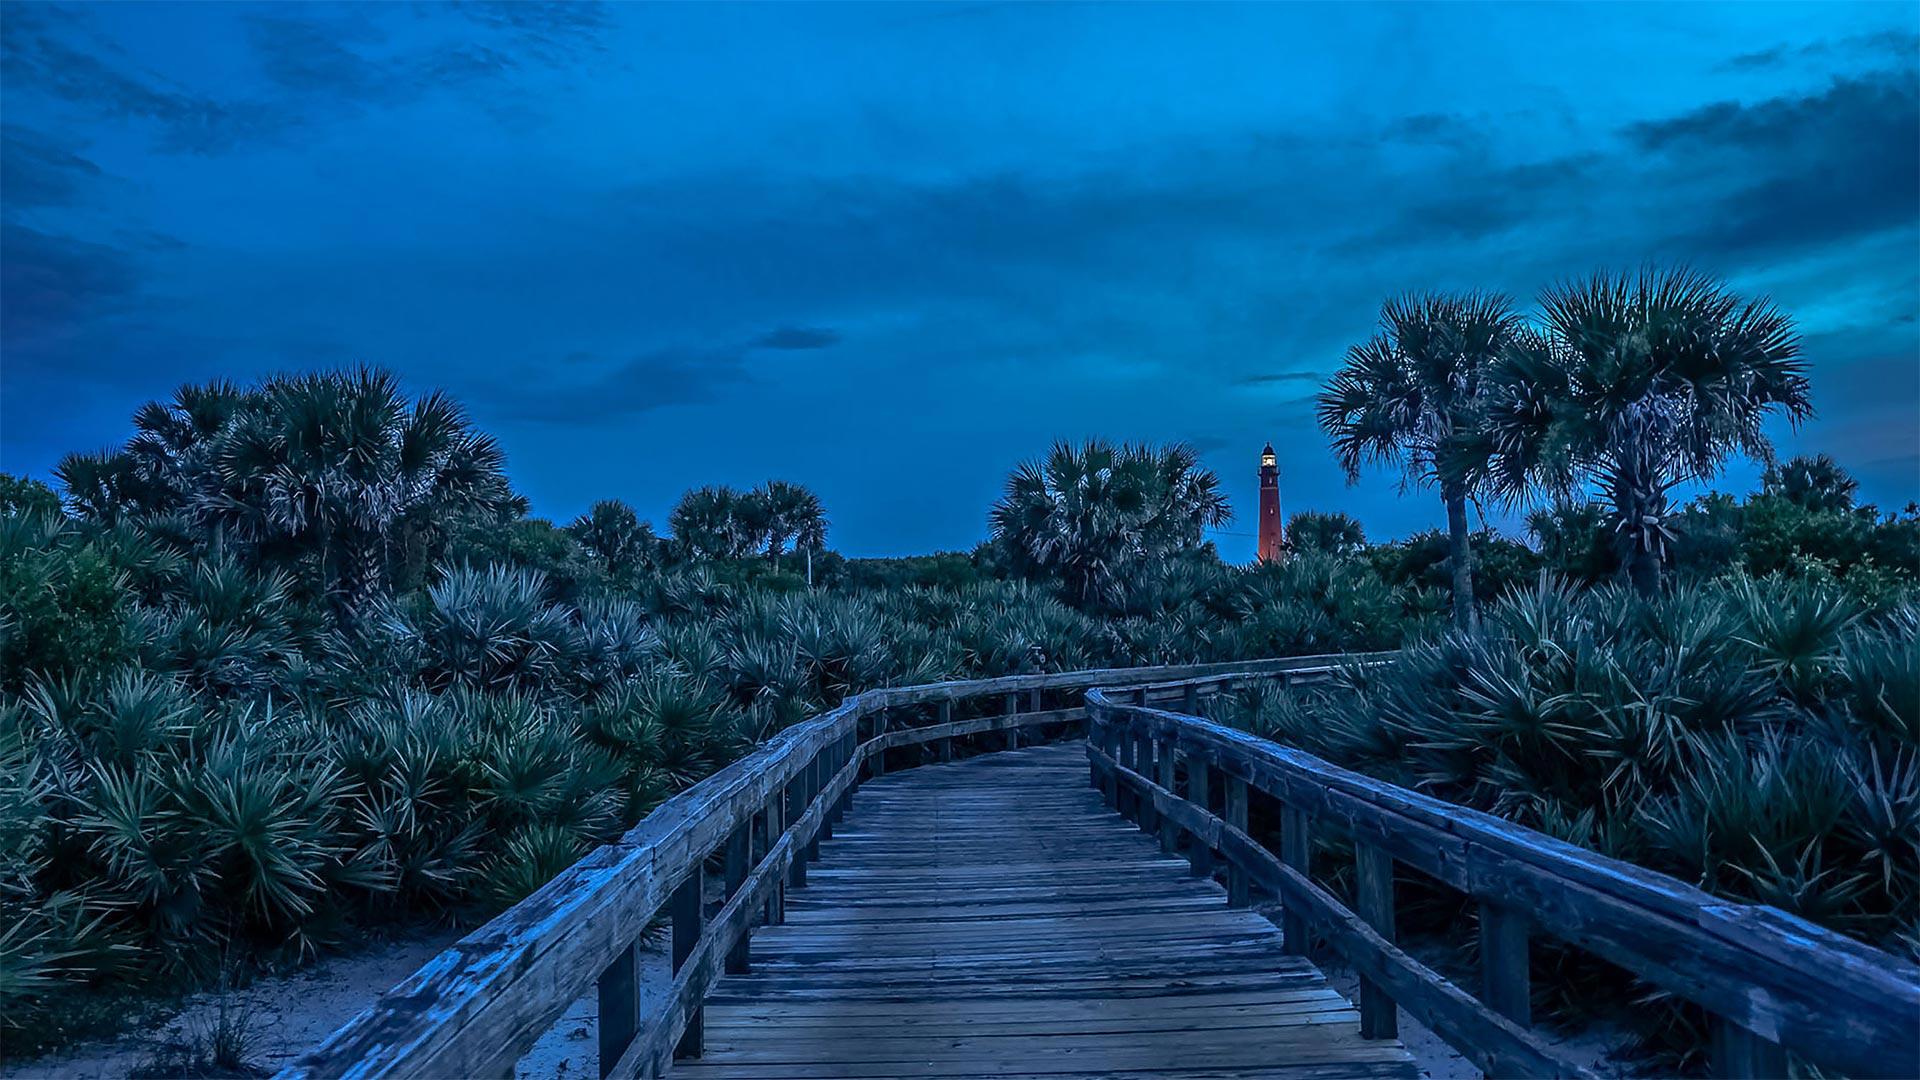 「ポンス・デ・レオン・インレット灯台への道」米国フロリダ州 (© Jason Sponseller/Shutterstock)